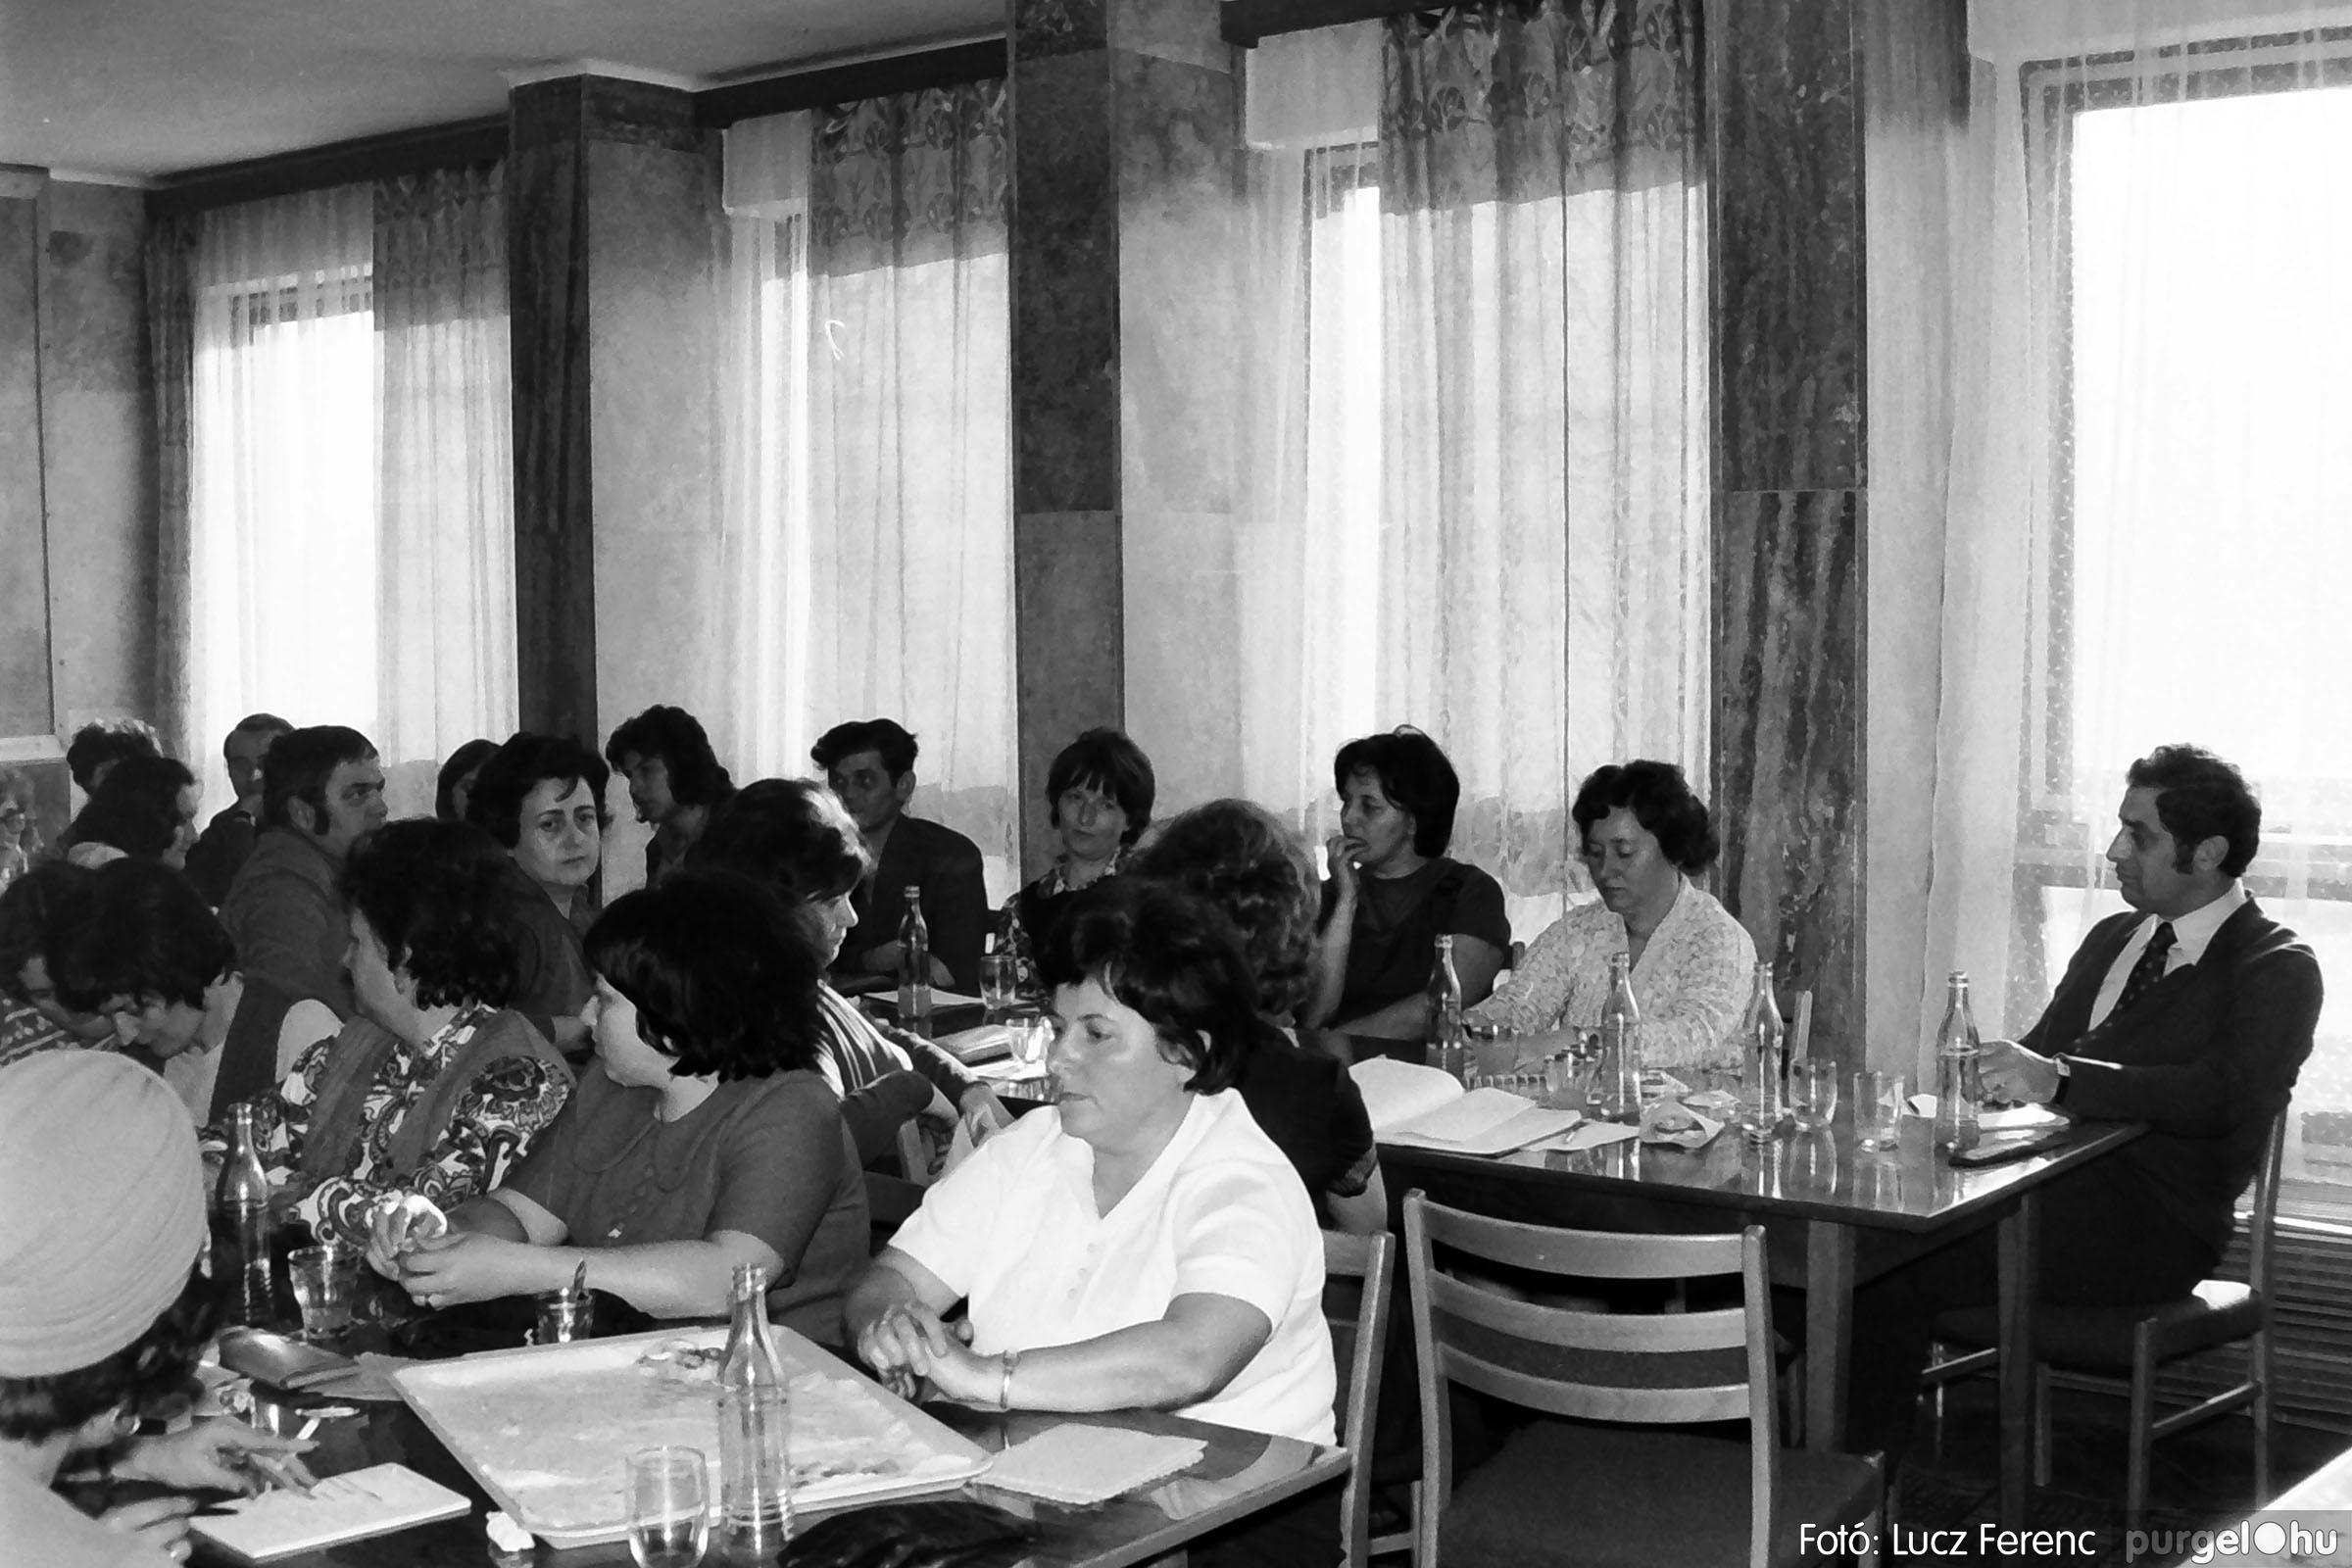 036. 1976. Tanácskozás a pártházban 005 - Fotó: Lucz Ferenc.jpg